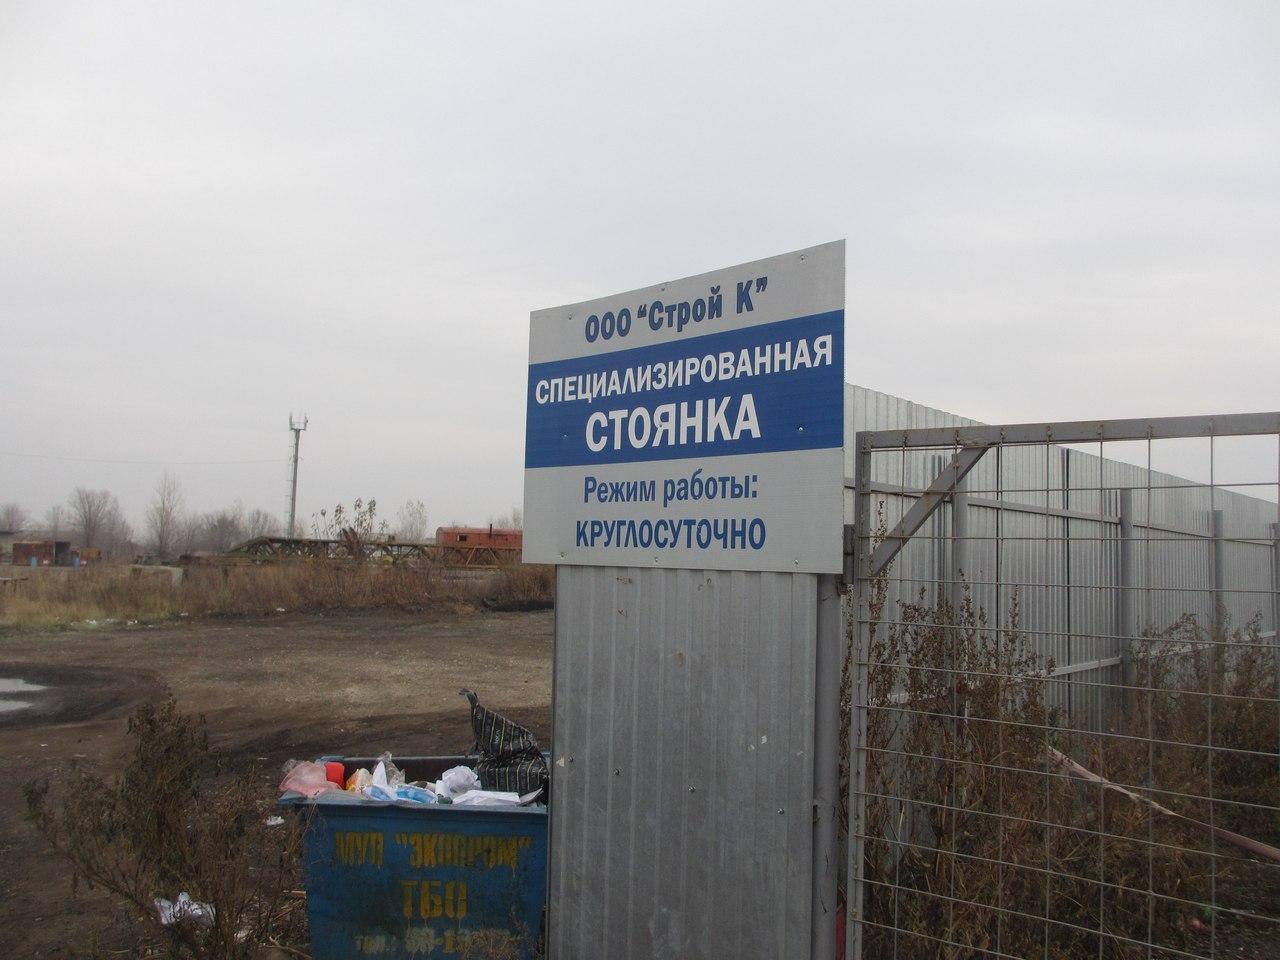 Строй К в Сызрани